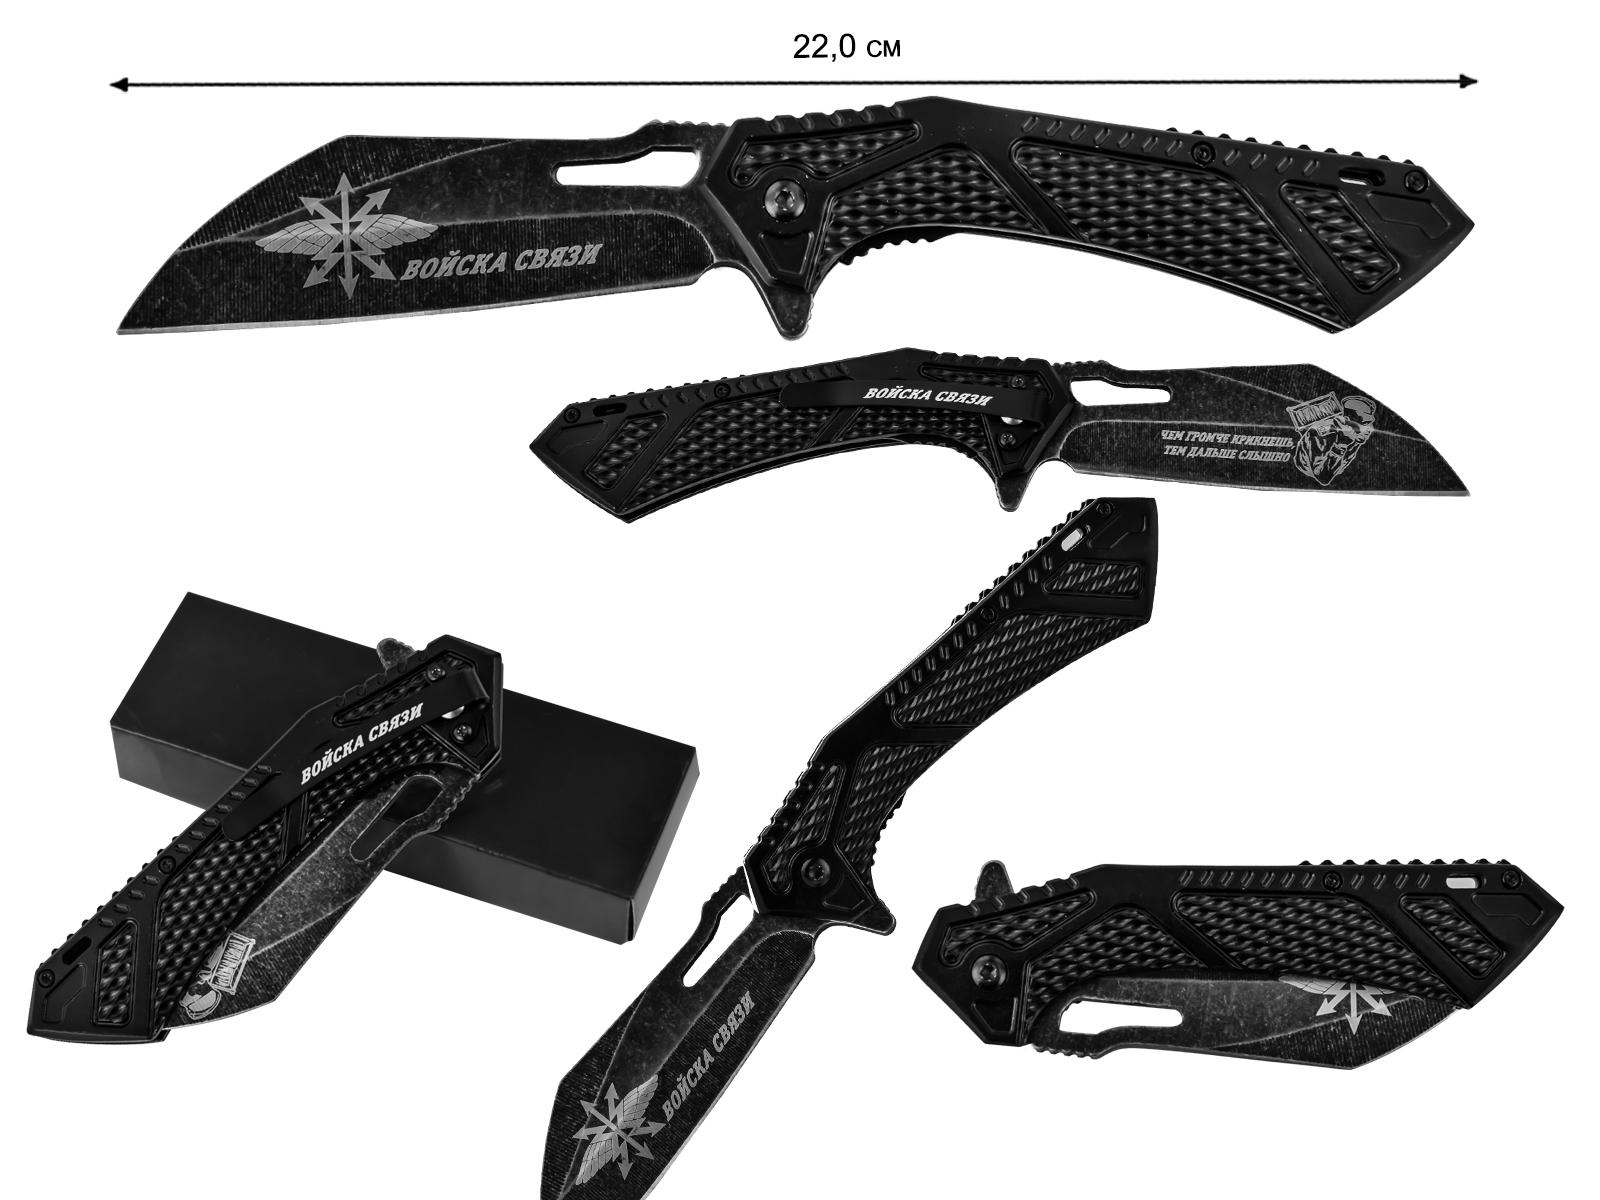 Армейский складной нож «Войска связи - Чем громче крикнешь, тем дальше слышно»